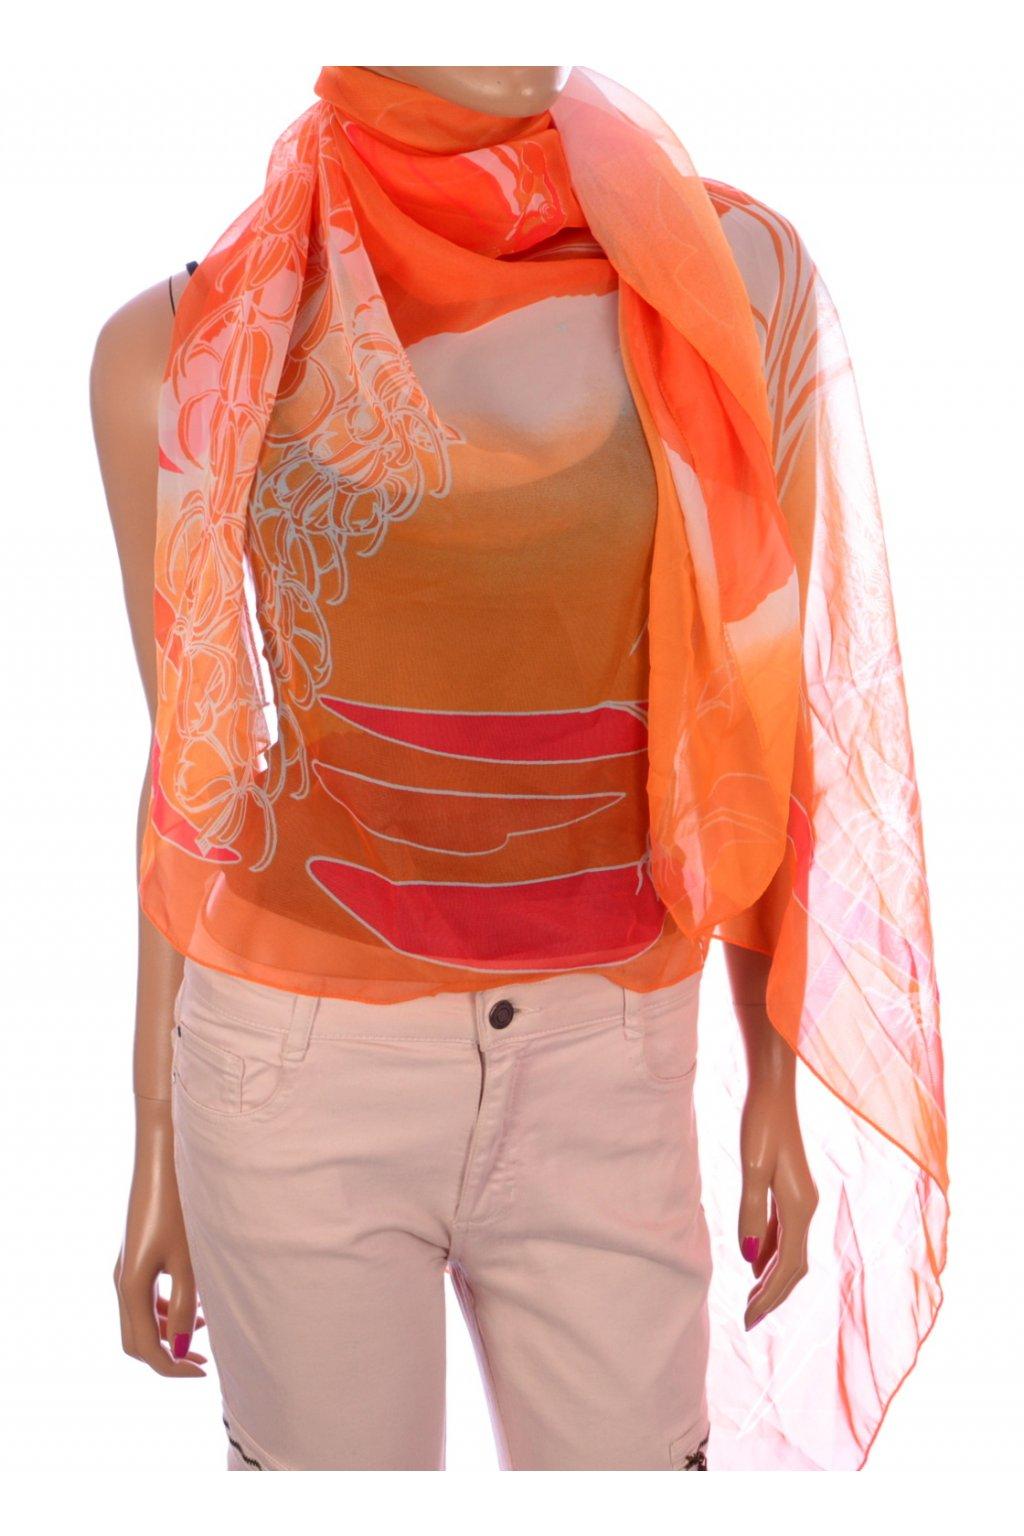 Šátek Pareo oranžový vzorovaný